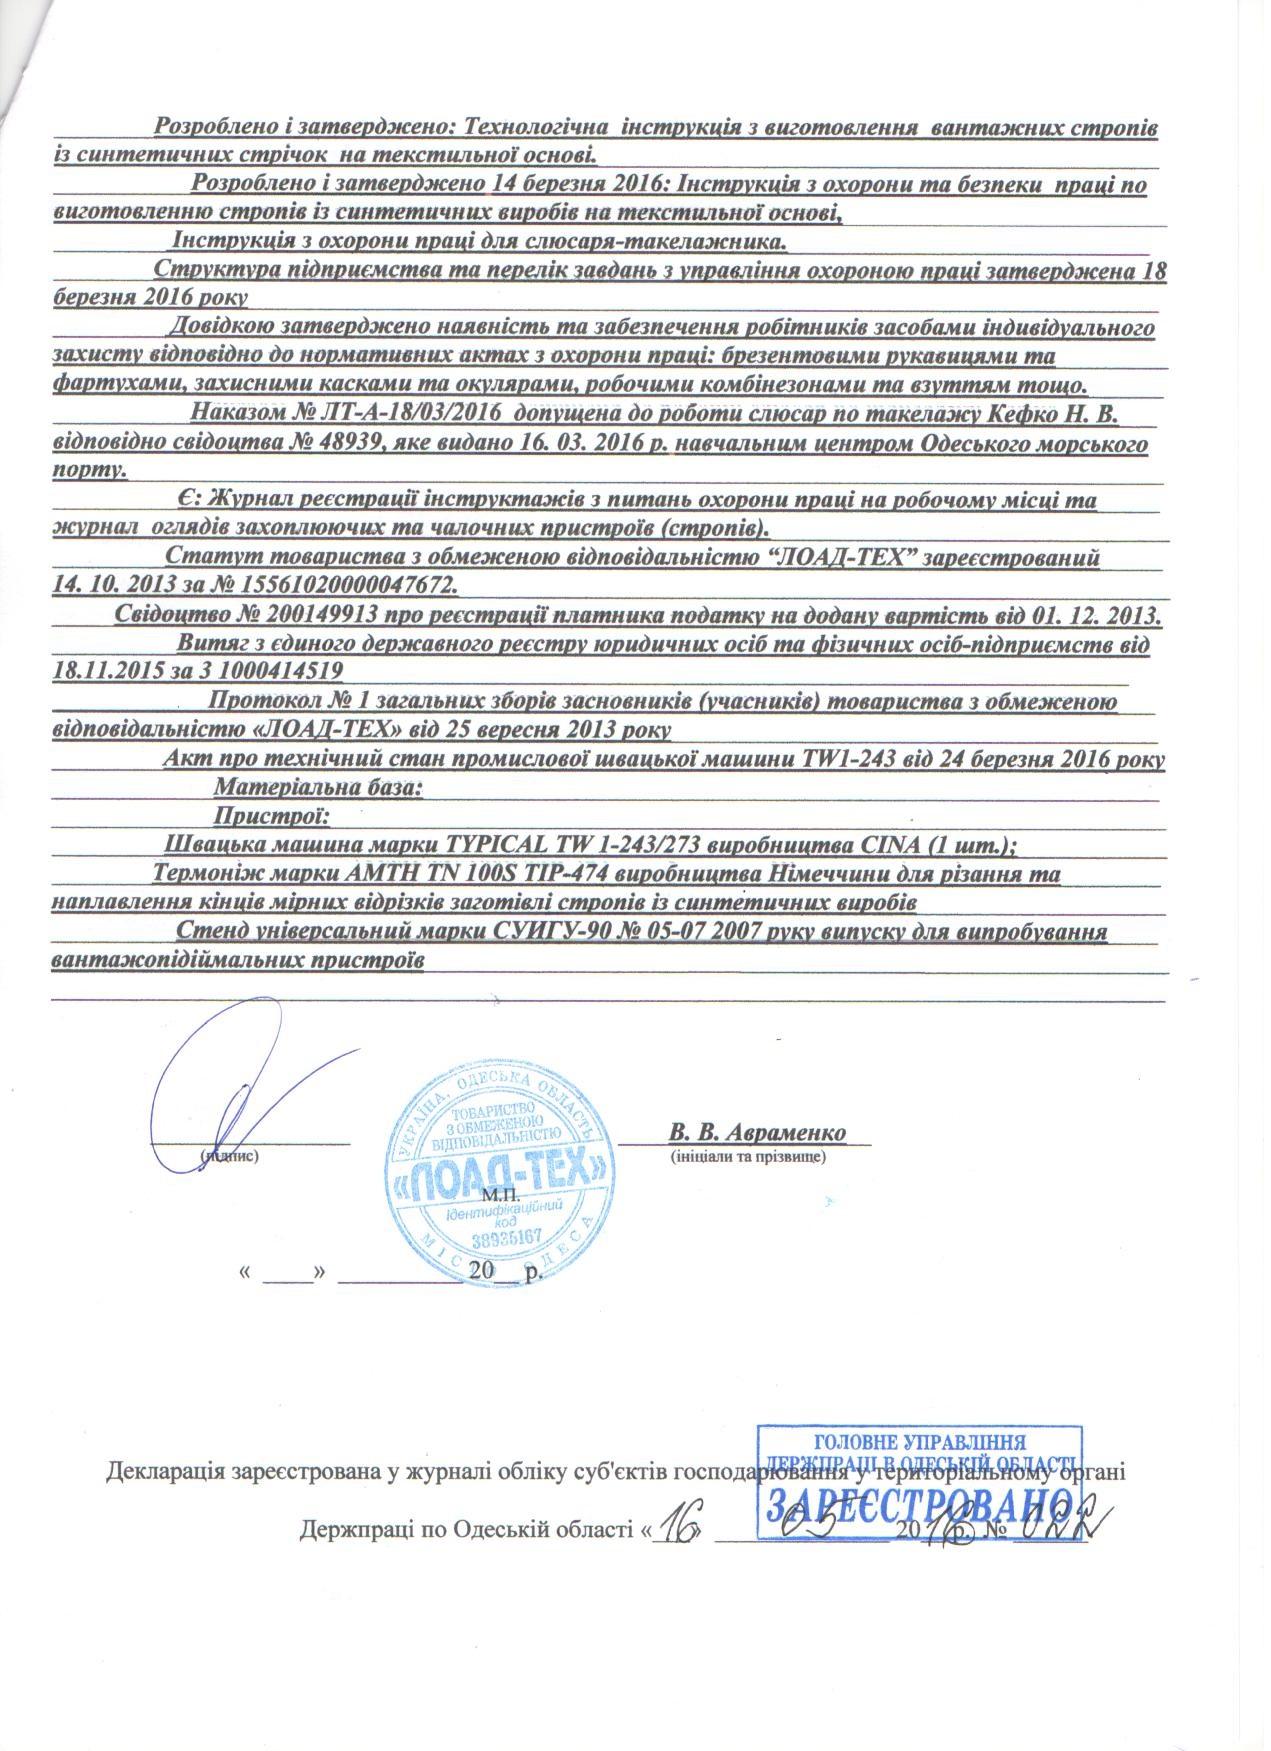 Декларация 2 стр